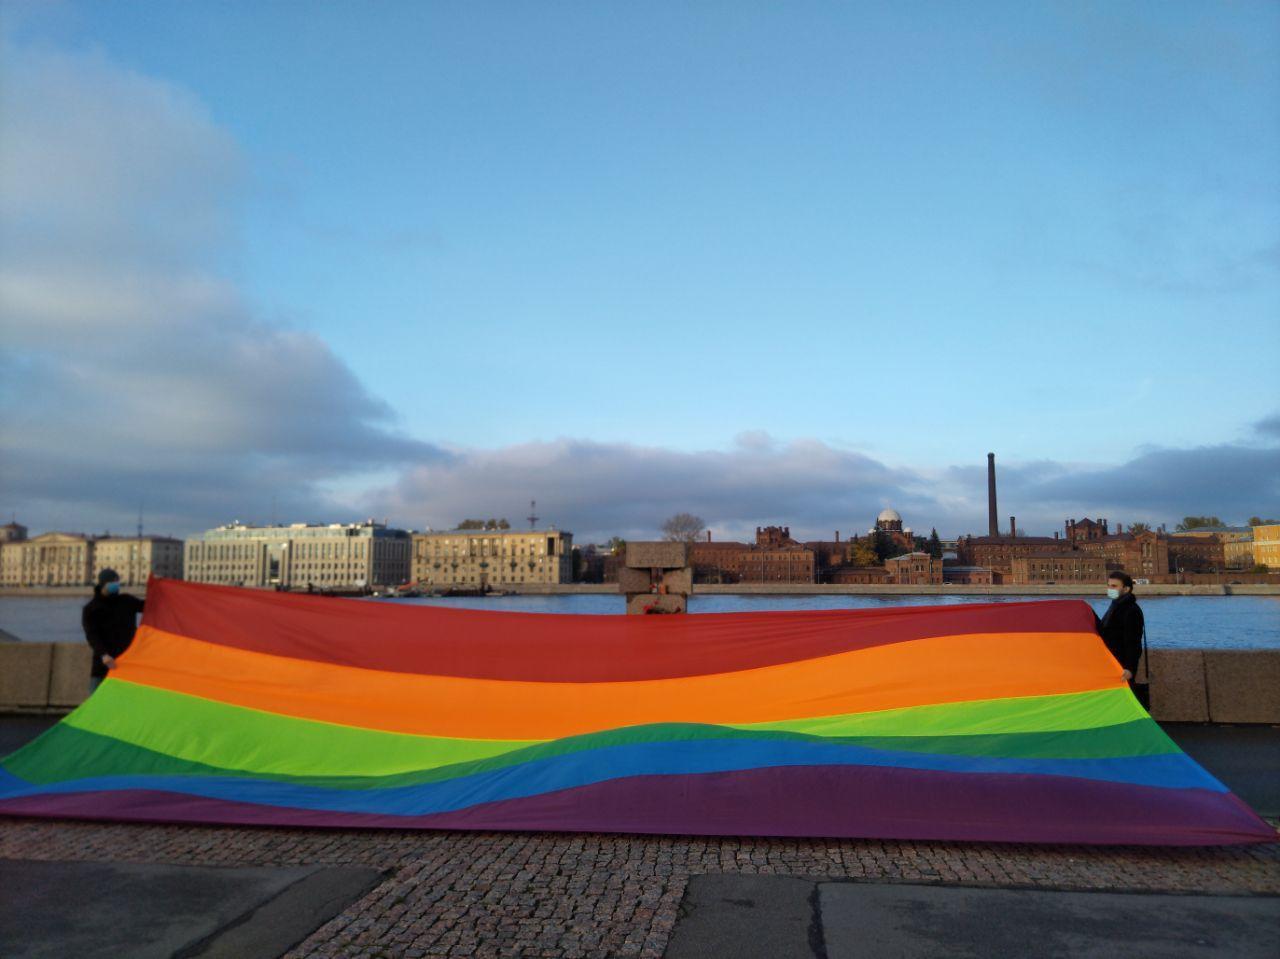 У памятника жертвам политрепрессий в Петербурге развернули радужное полотно